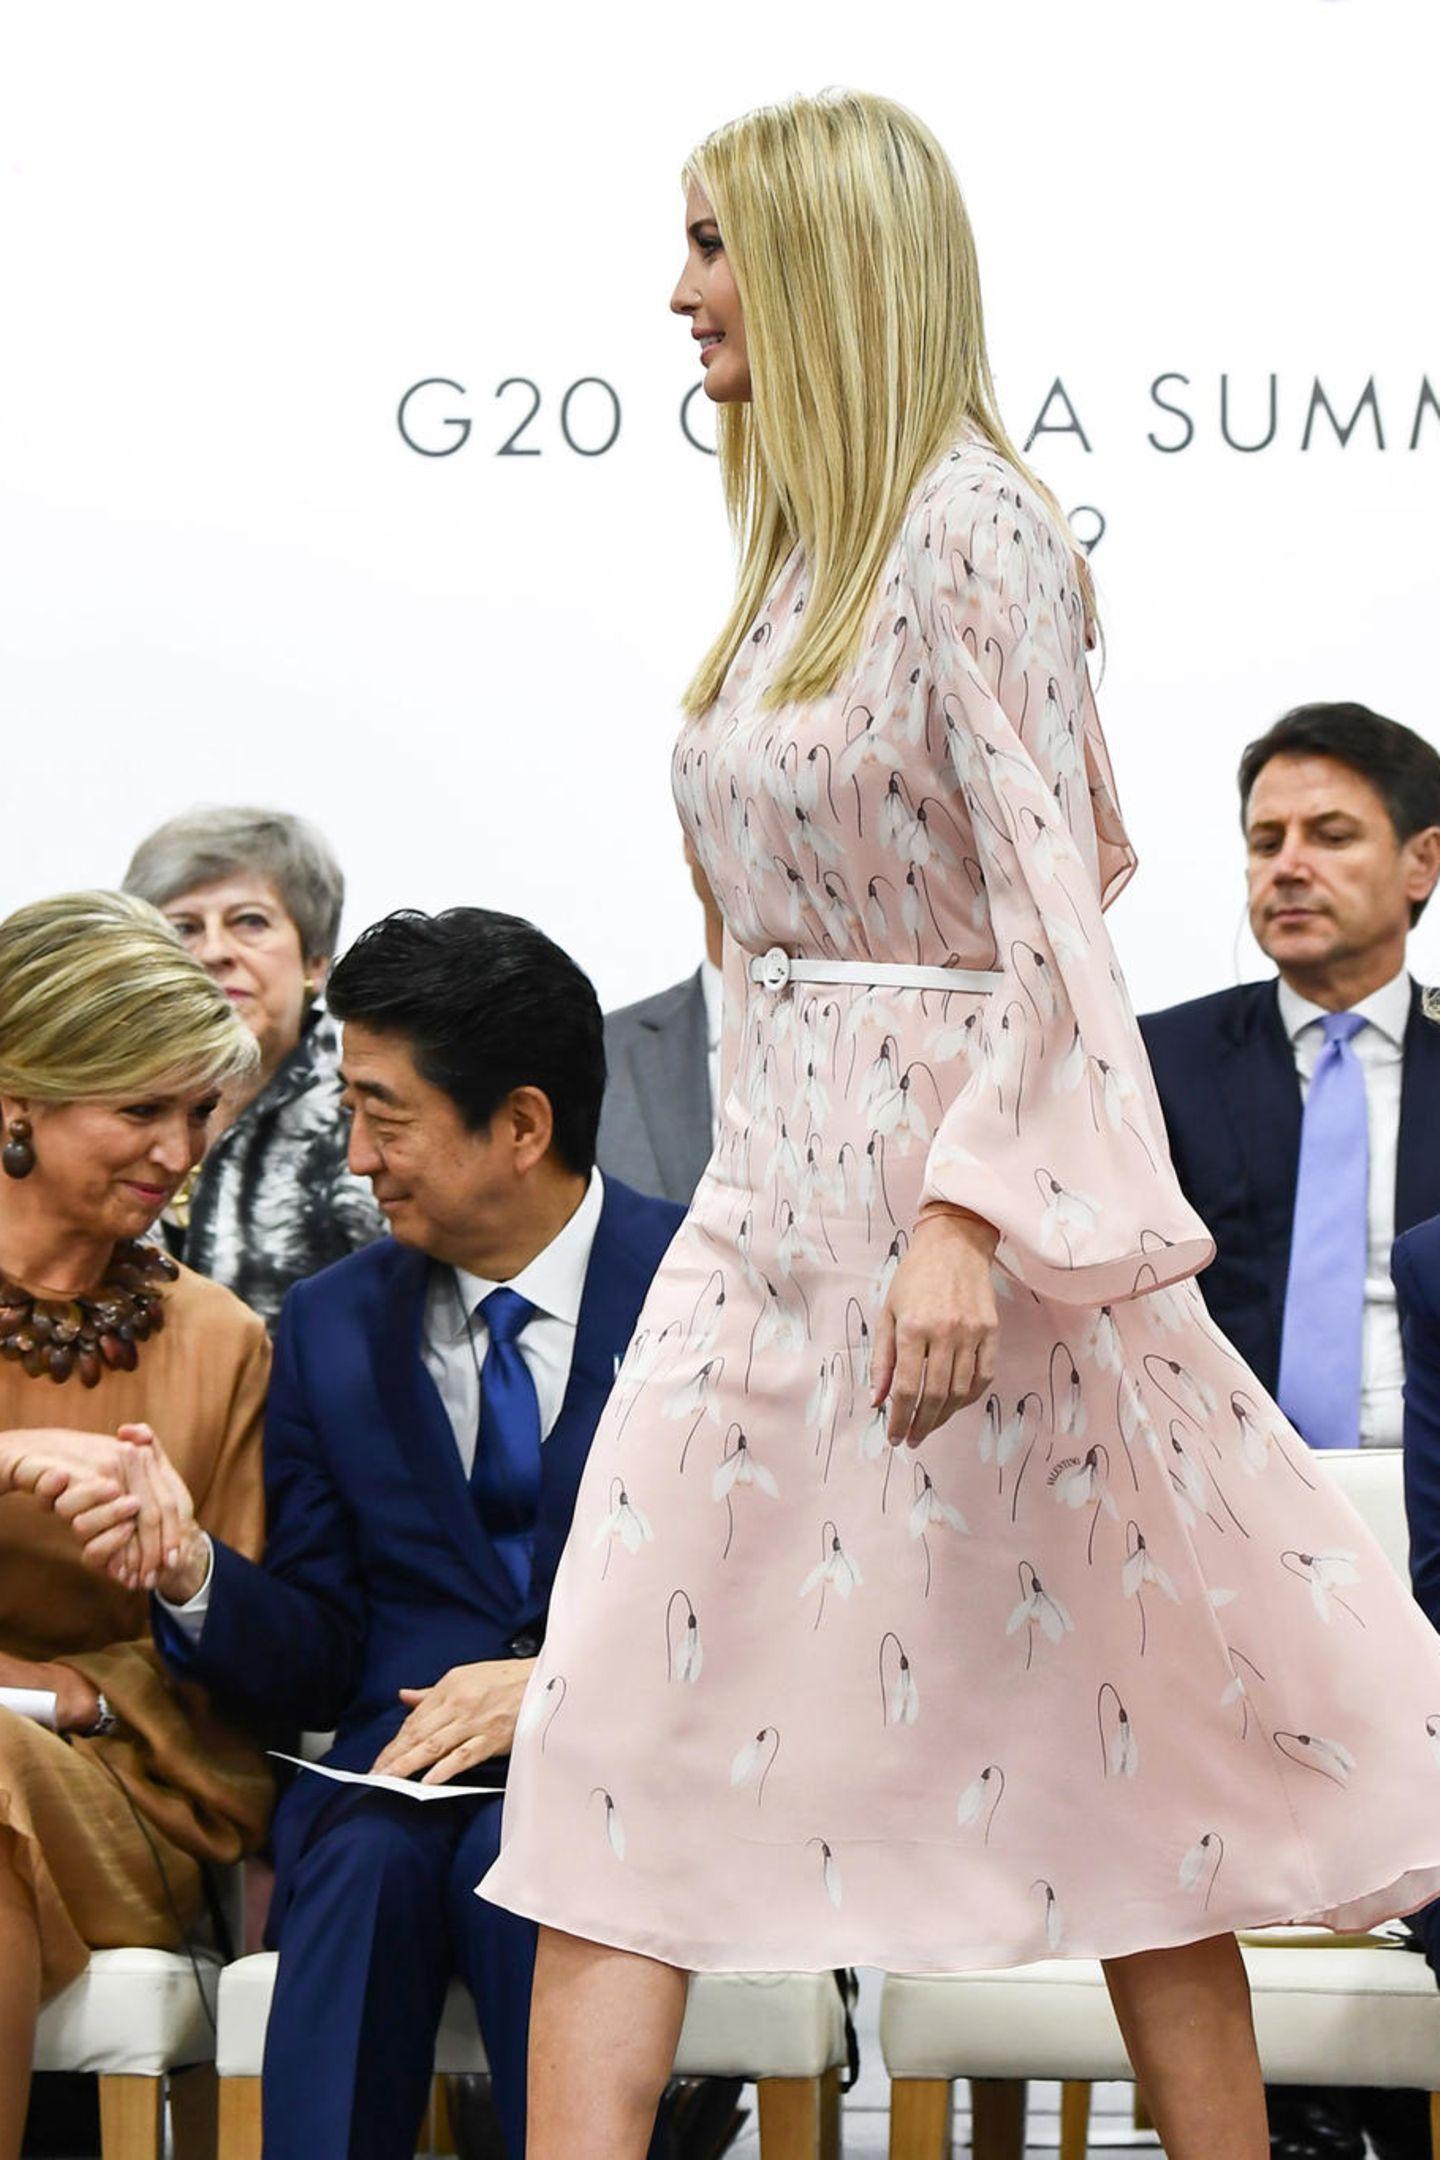 Dieses hübsche Kleid in Rosatönen, versehen mit zarten Blüten, lässt Ivanka Trump beinahe ein wenig unschuldig wirken.